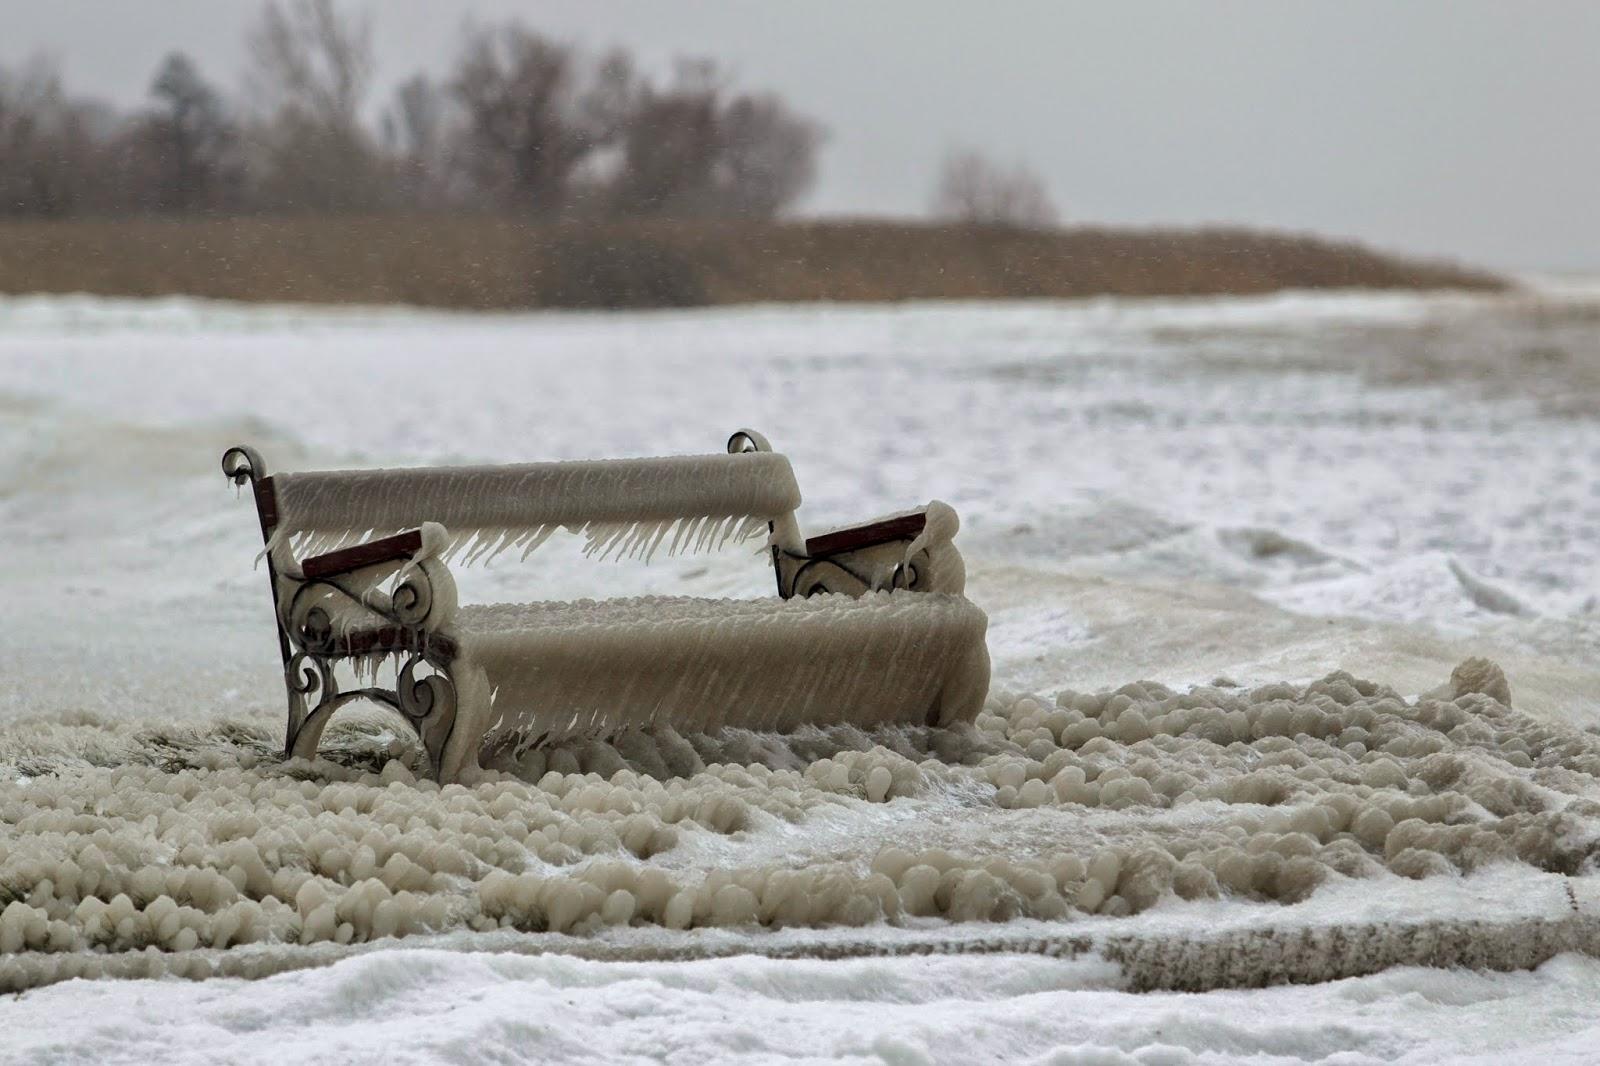 hófúvás, hópárkány, időjárás, téli természet, Balaton, jégalkotások, hóalkotások